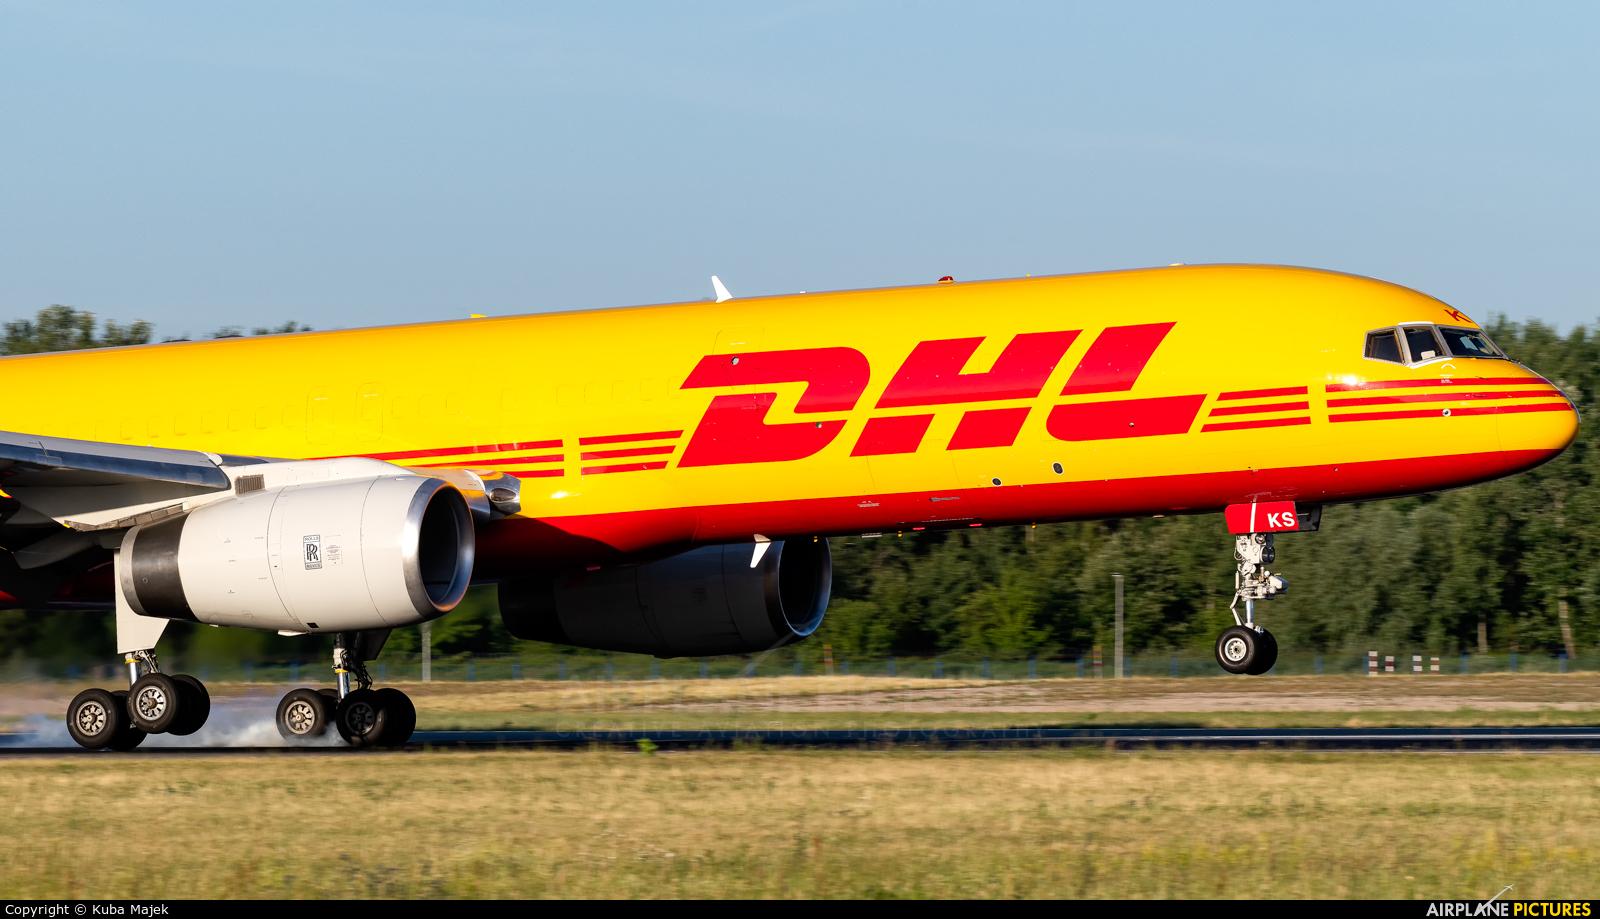 DHL Cargo G-DHKS aircraft at Warsaw - Frederic Chopin